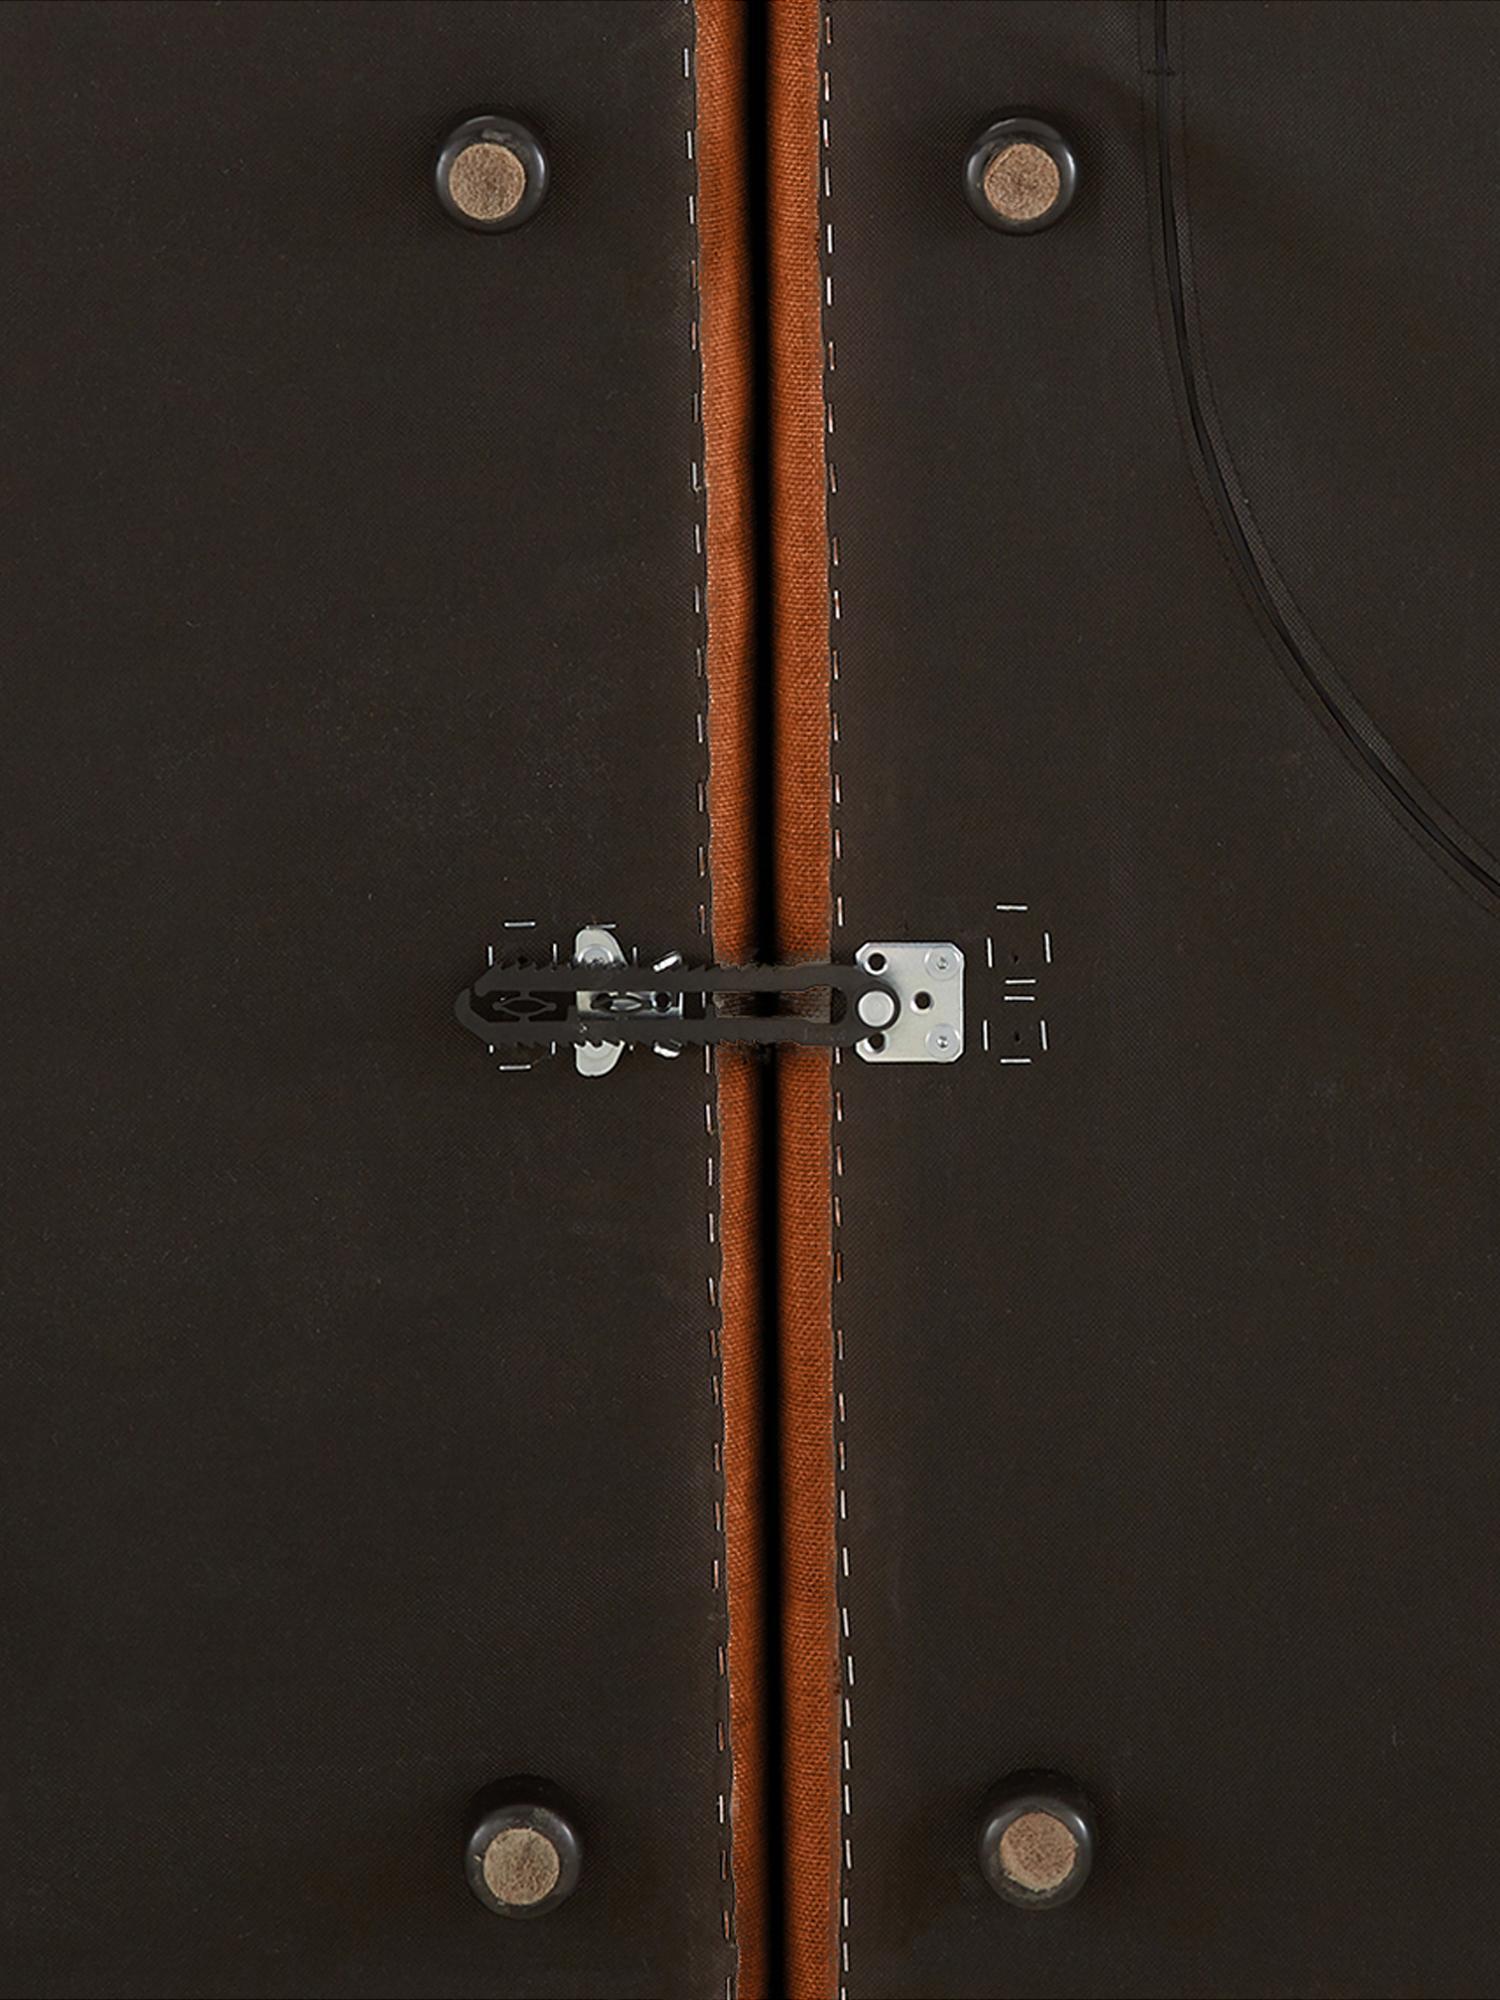 Divano componibile 3 posti in tessuto color terracotta Lennon, Rivestimento: poliestere 35.000 cicli d, Struttura: legno di pino massiccio, , Piedini: materiale sintetico, Tessuto colore terracotta, Larg. 238 x Prof. 119 cm